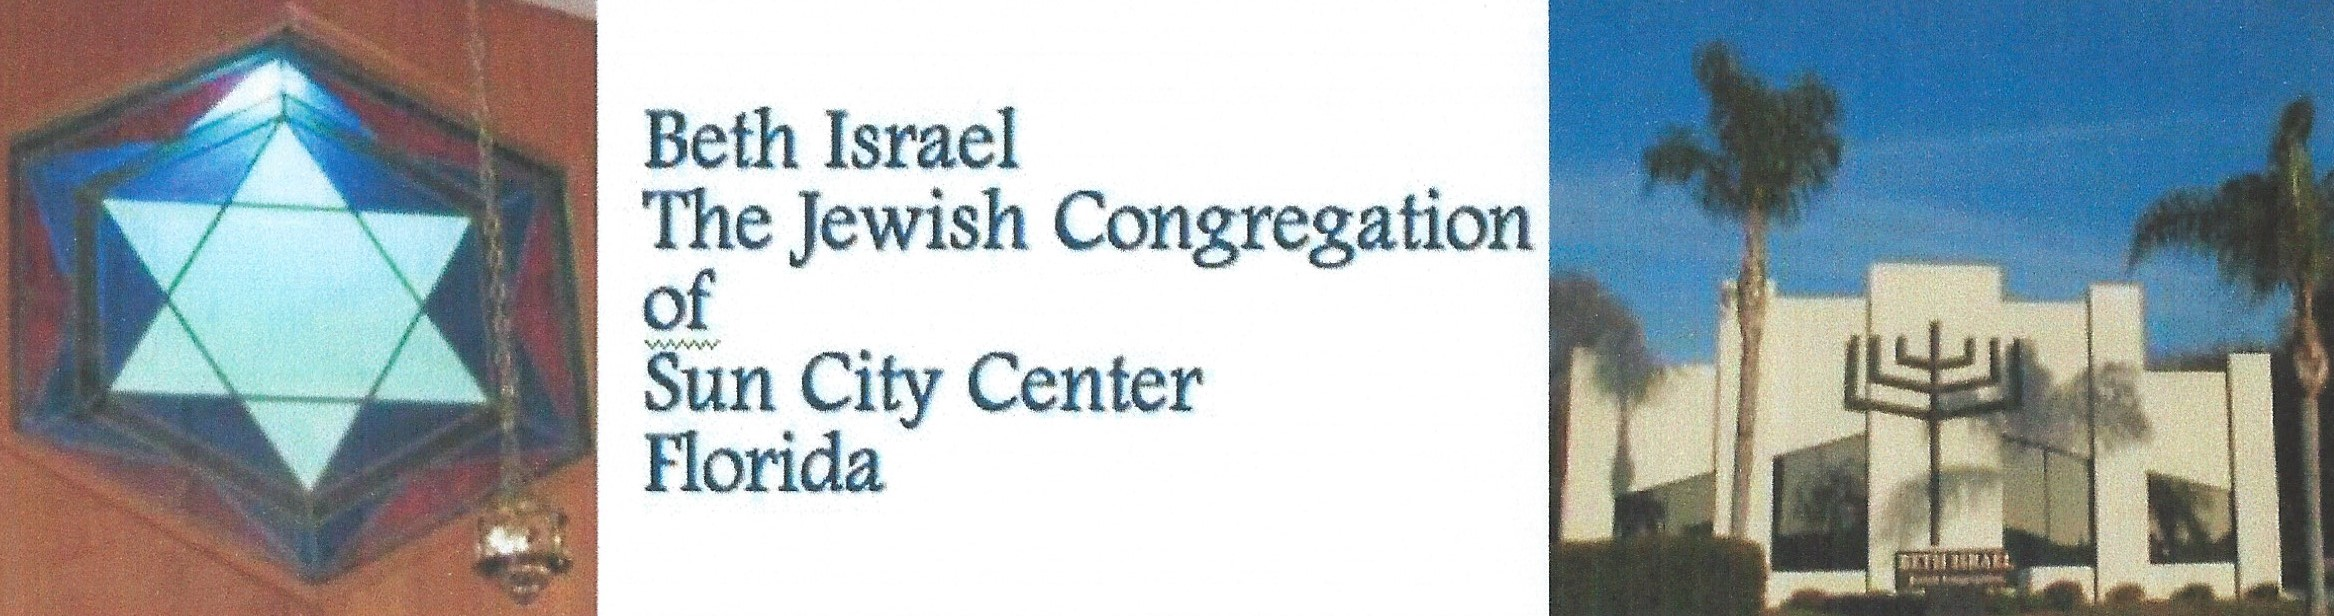 Beth Israel